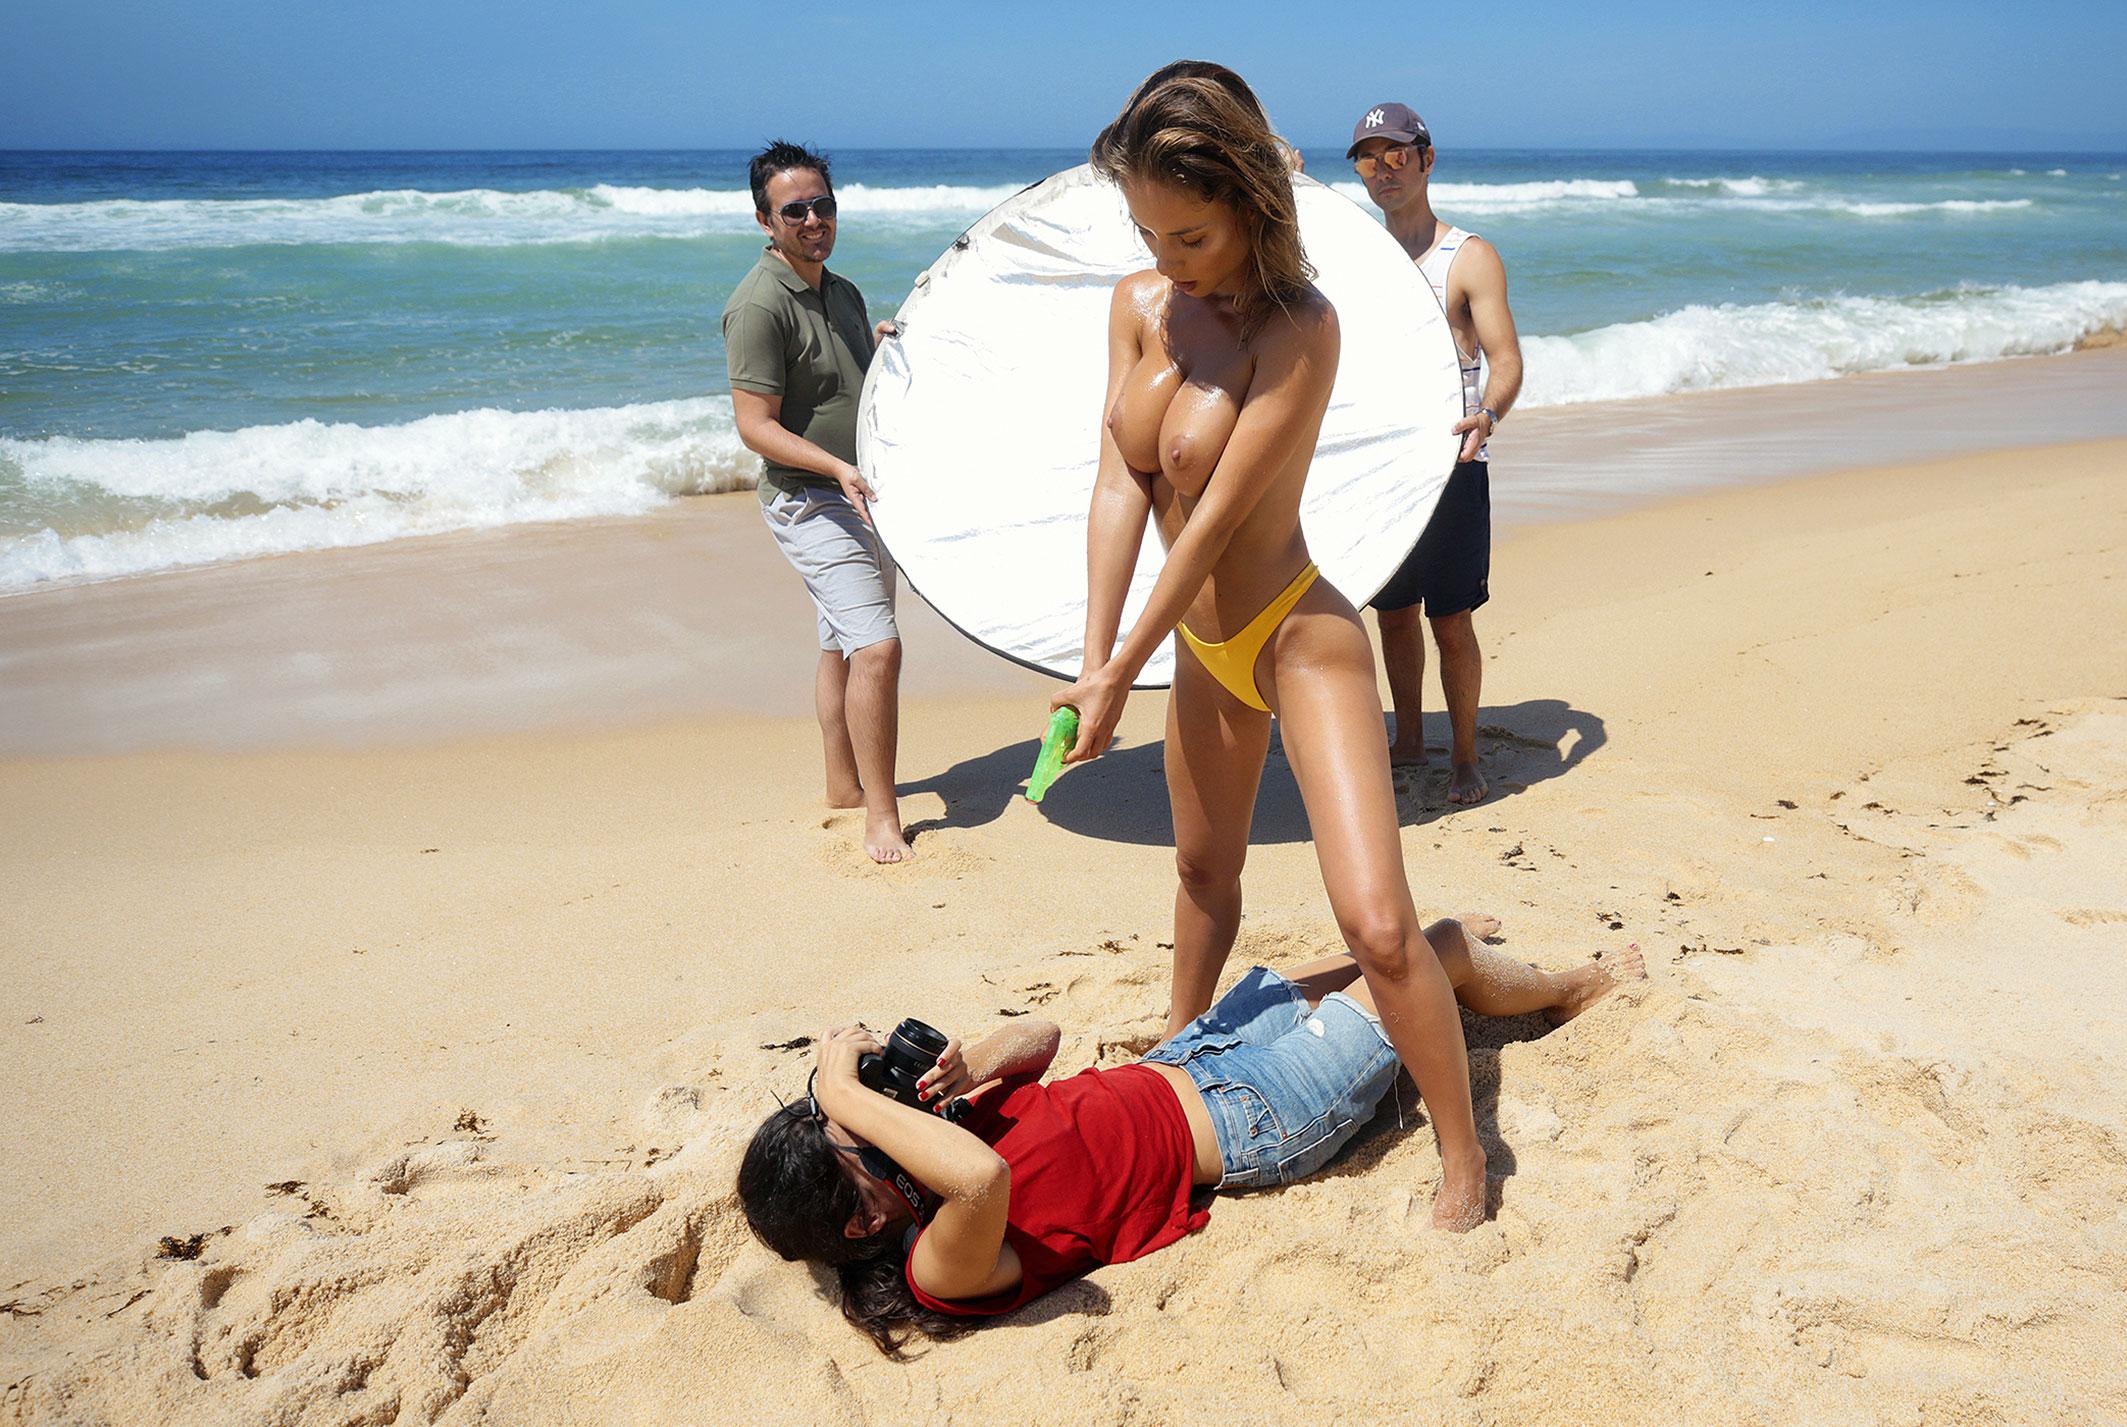 Сексуальная голая Наталья Андреева под жарким солнцем на диком пляже в Португалии / фото 30